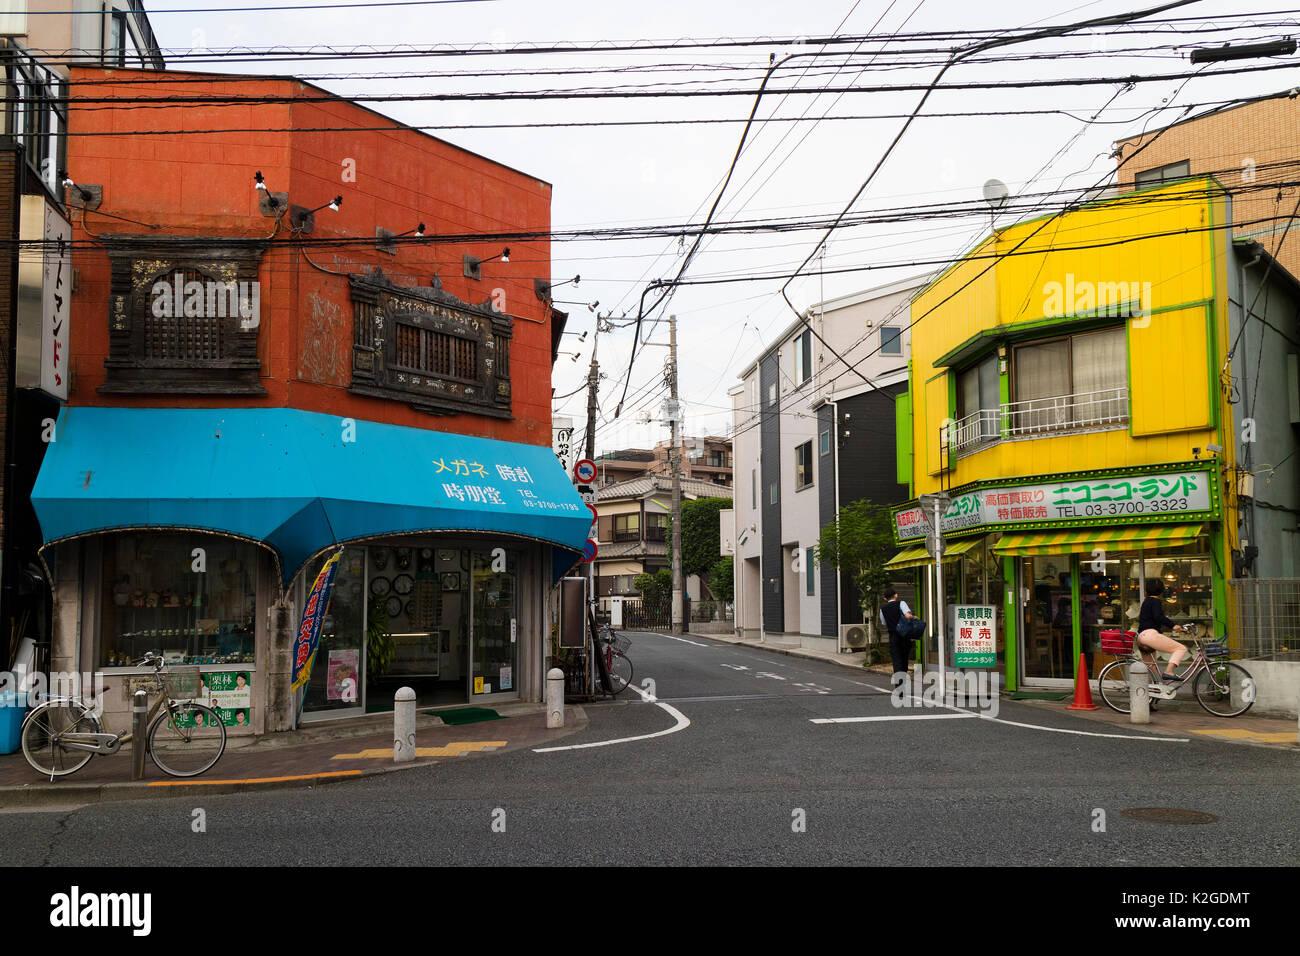 Tokyo, Giappone - 11 Maggio 2017: negozi colorati in corrispondenza di un angolo della strada nel quartiere, Immagini Stock